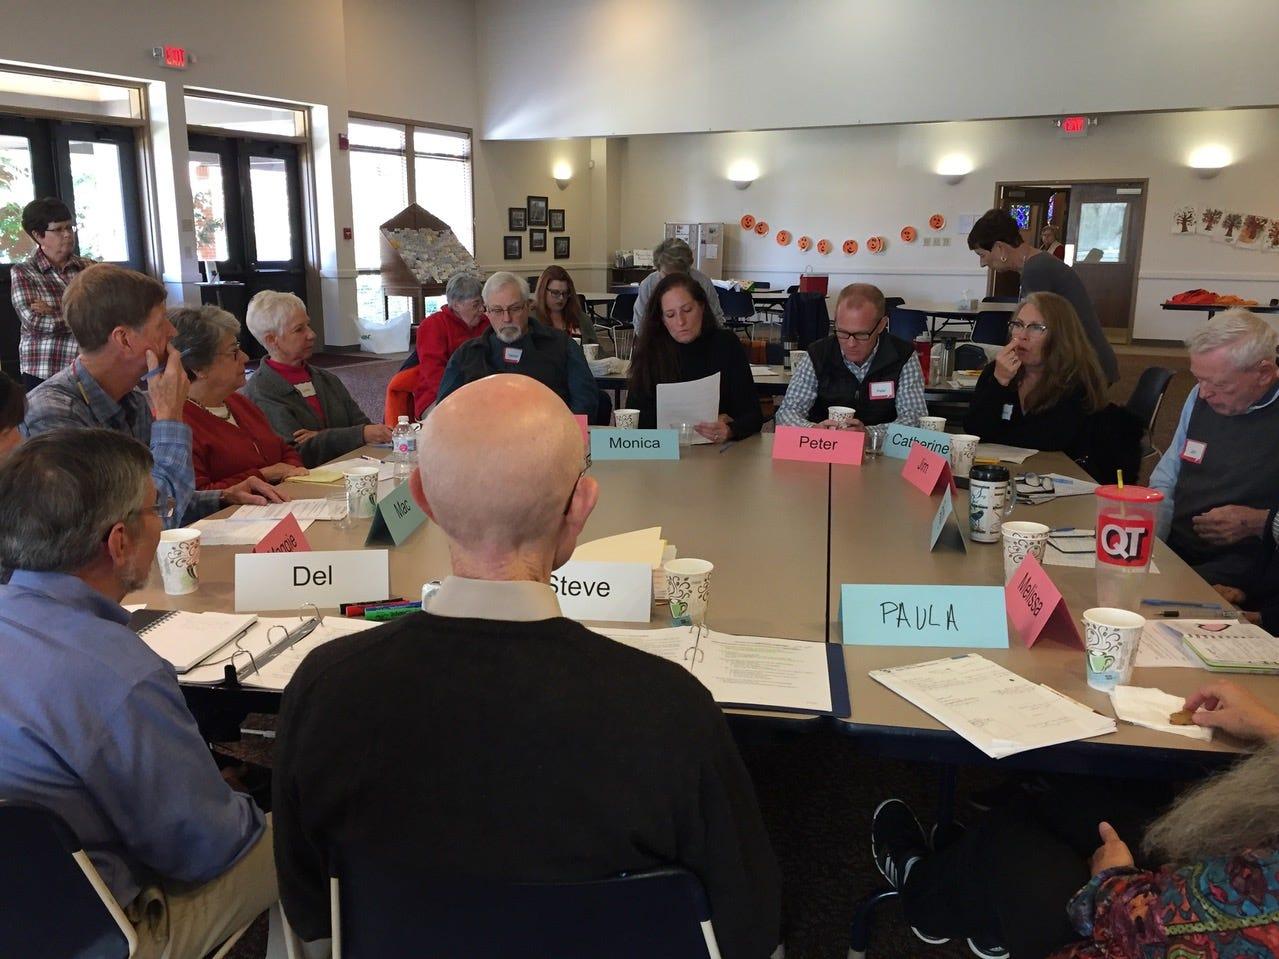 Clemson 'Better Angels' group seeks to defuse bitter political divide